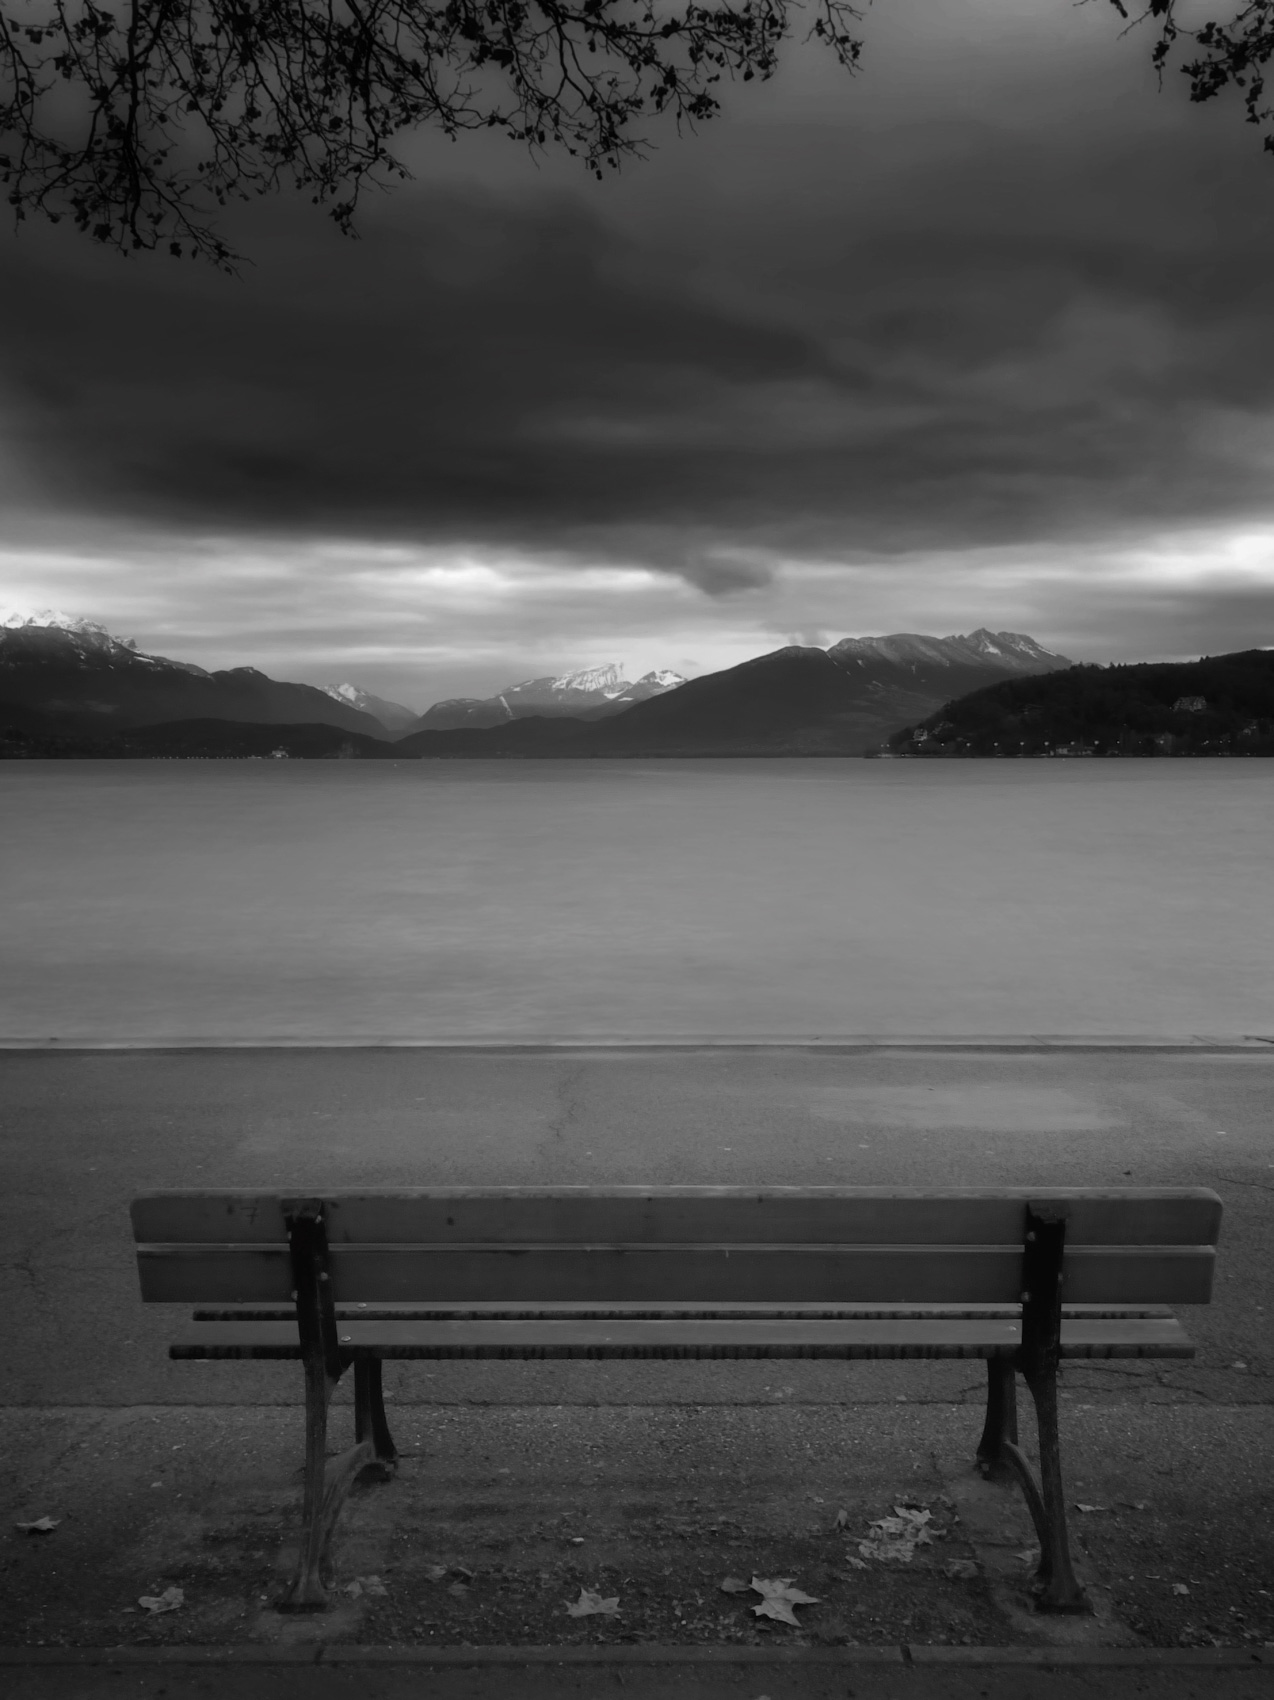 Projet 365 - Bord du lac d'Annecy